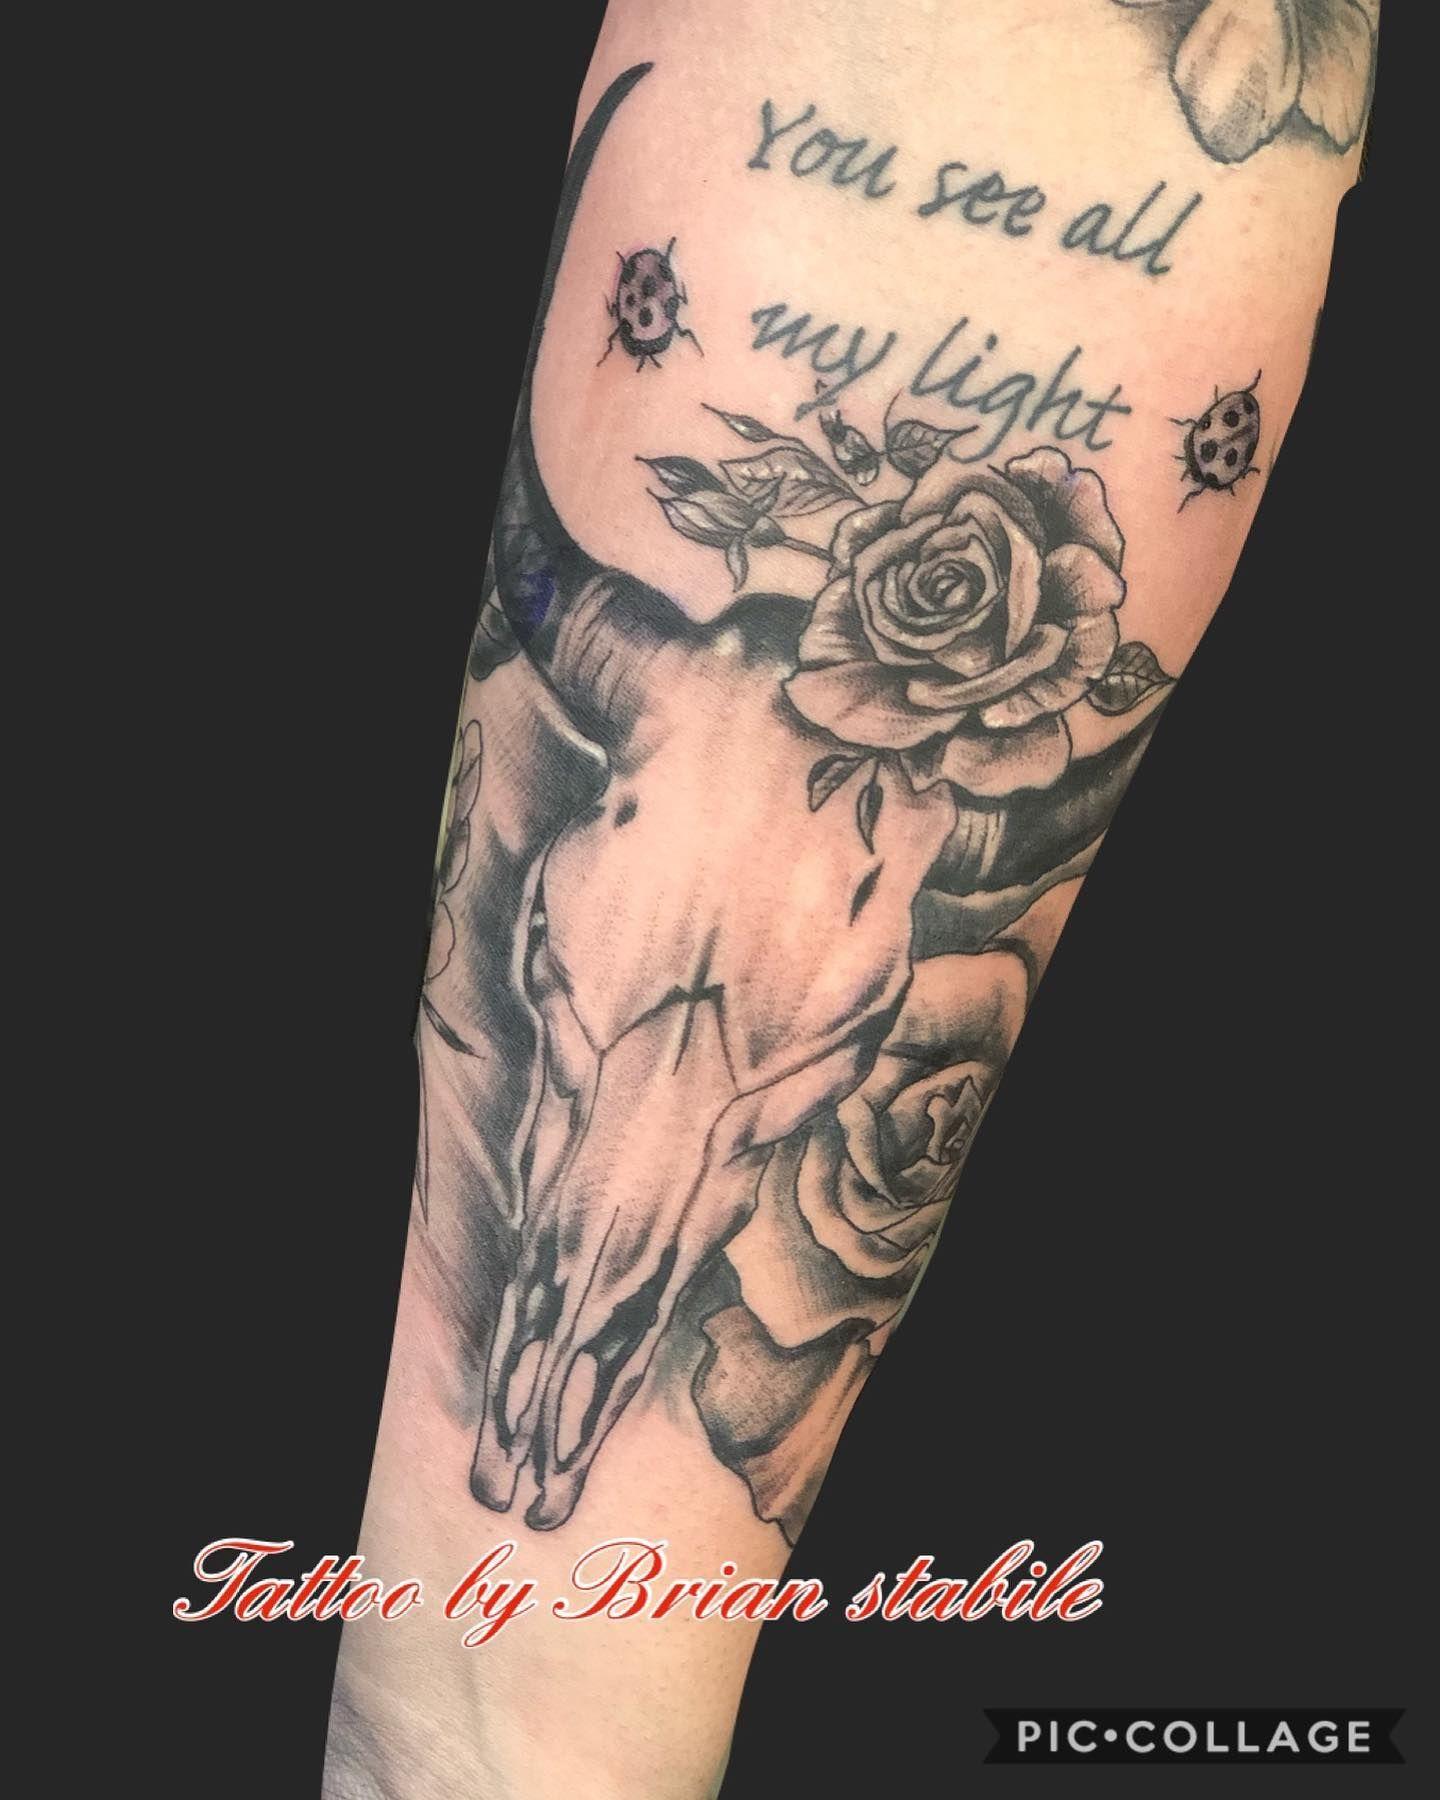 Tattoo By Brian Stabile1975 Ftmyerstattoo Tattoo Tattoos Armtattoo Ftmyerstattoo Brianstabile Tattooa In 2020 Bull Skull Tattoos Black And Grey Tattoos Tattoos